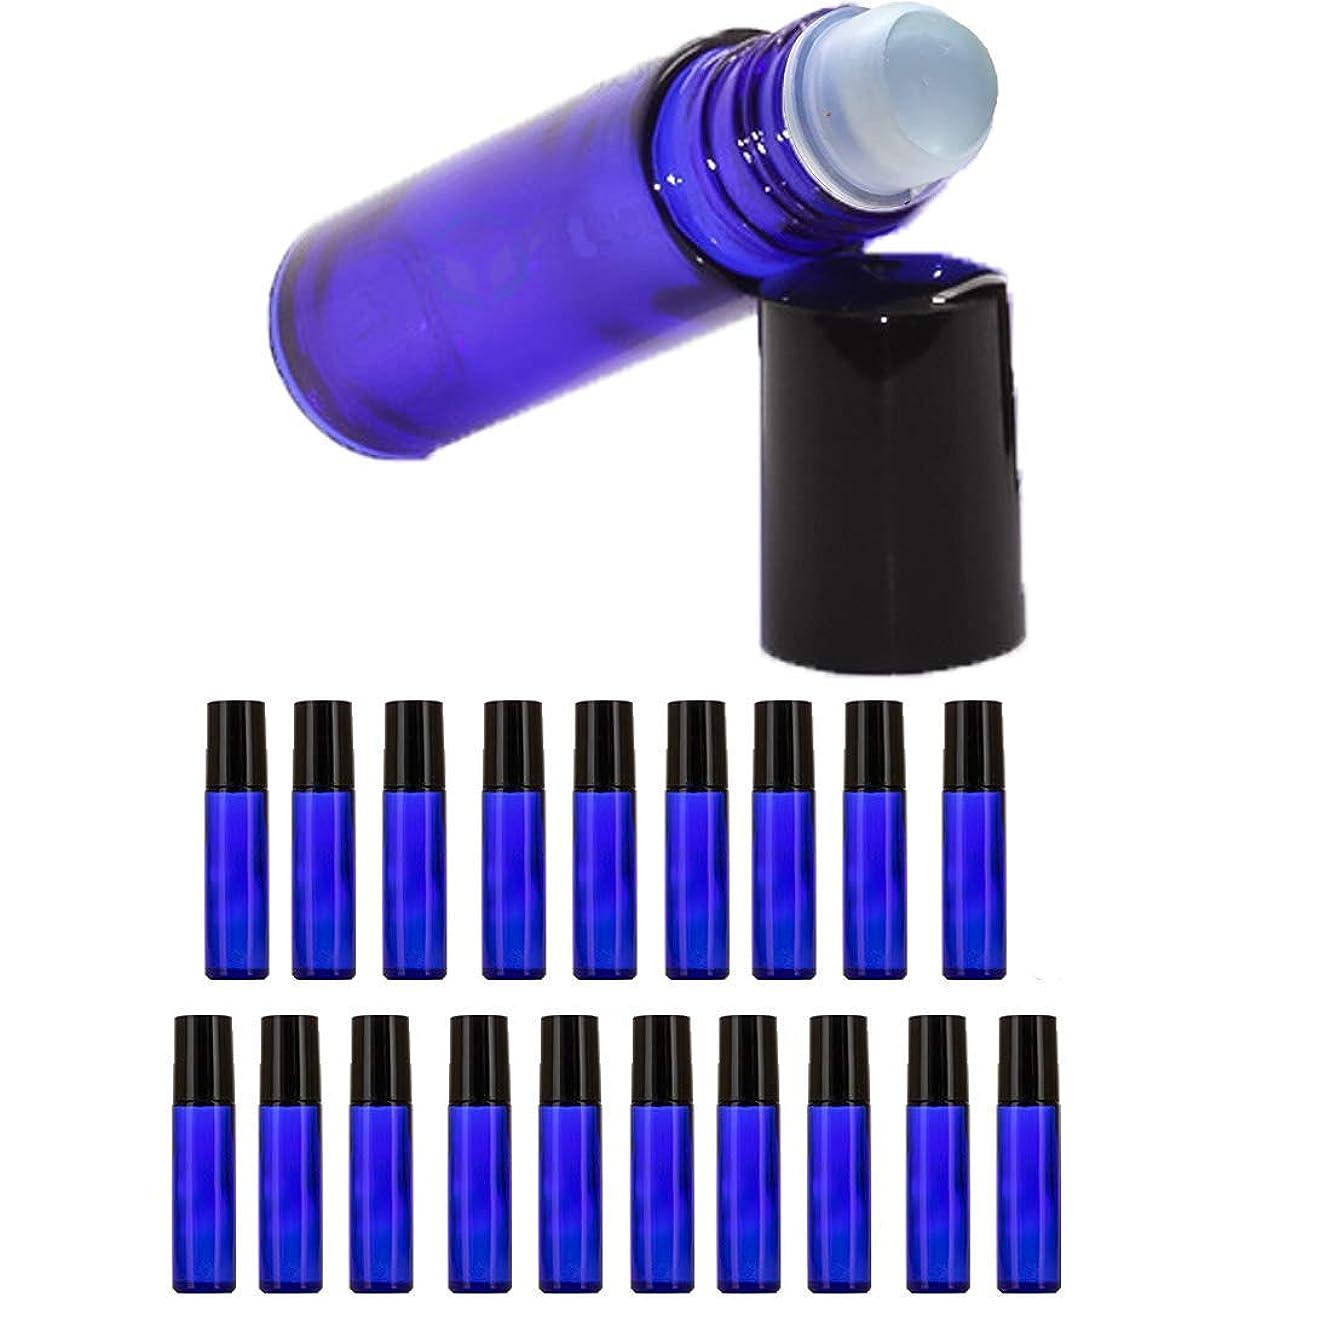 篭一時的友だち20個セット 遮光瓶 小分け ガラスボトルロールオンボトル 詰め替え 容器 エッセンシャルオイル 遮光ビン